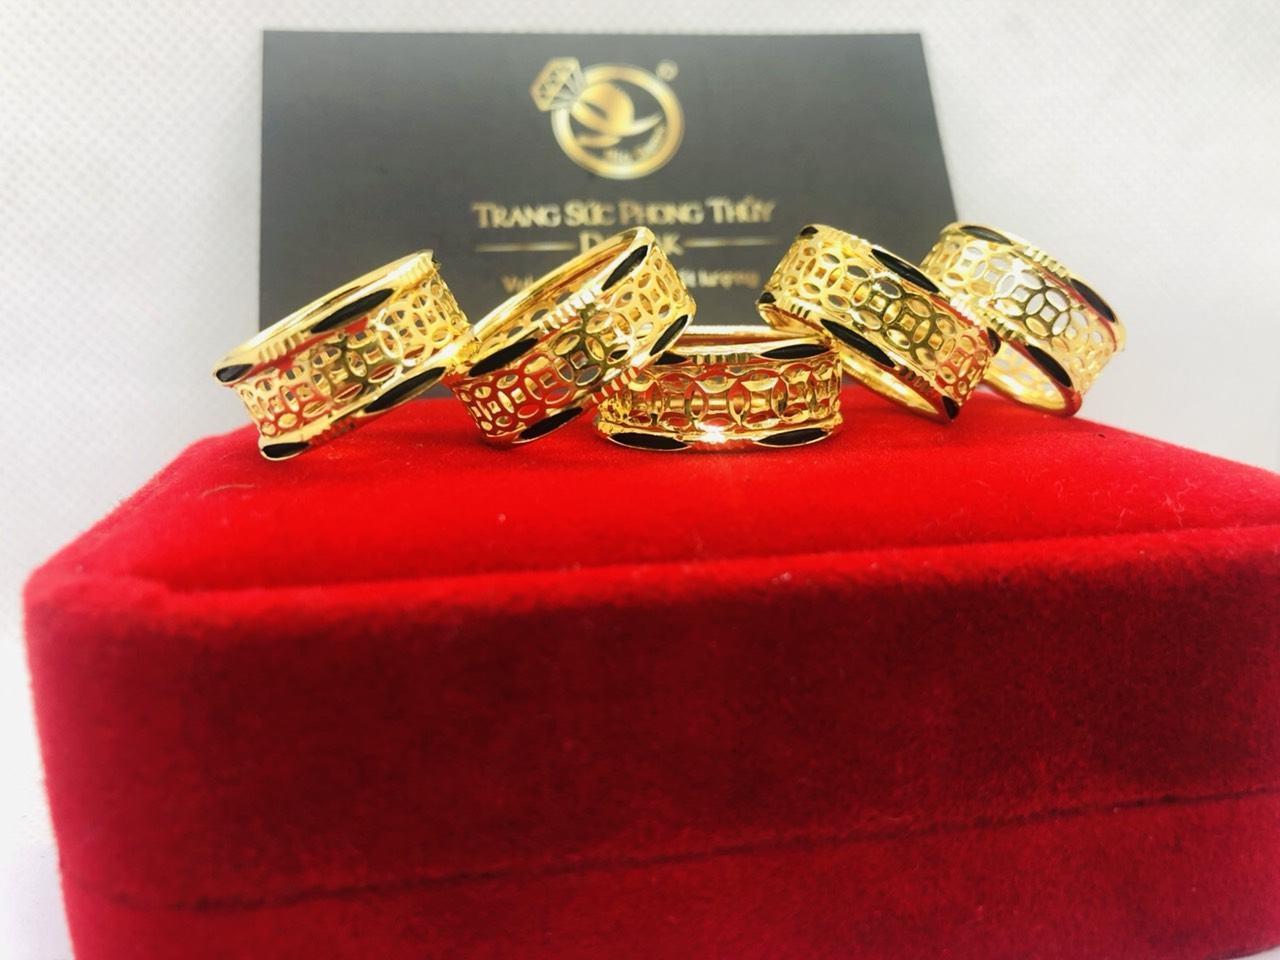 Nhẫn kim tiền vàng 18K phong thủy giá TỐT